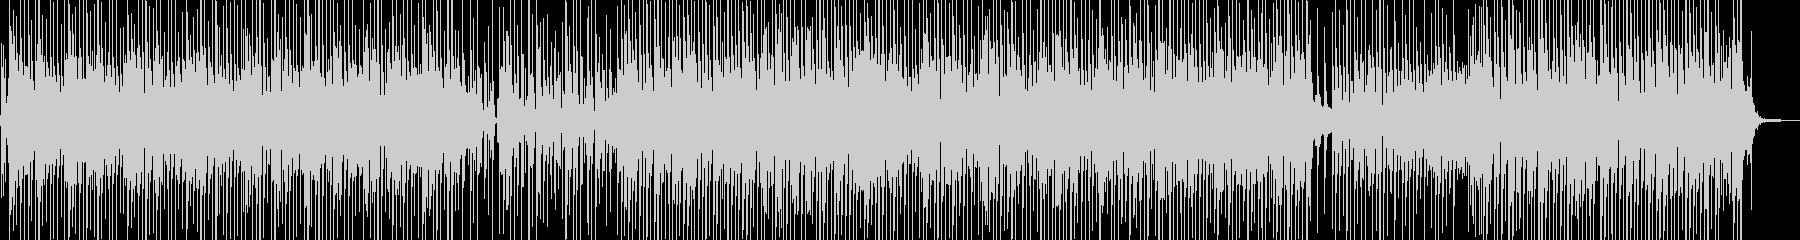 バカンスの雰囲気をイメージしたレゲェ Bの未再生の波形